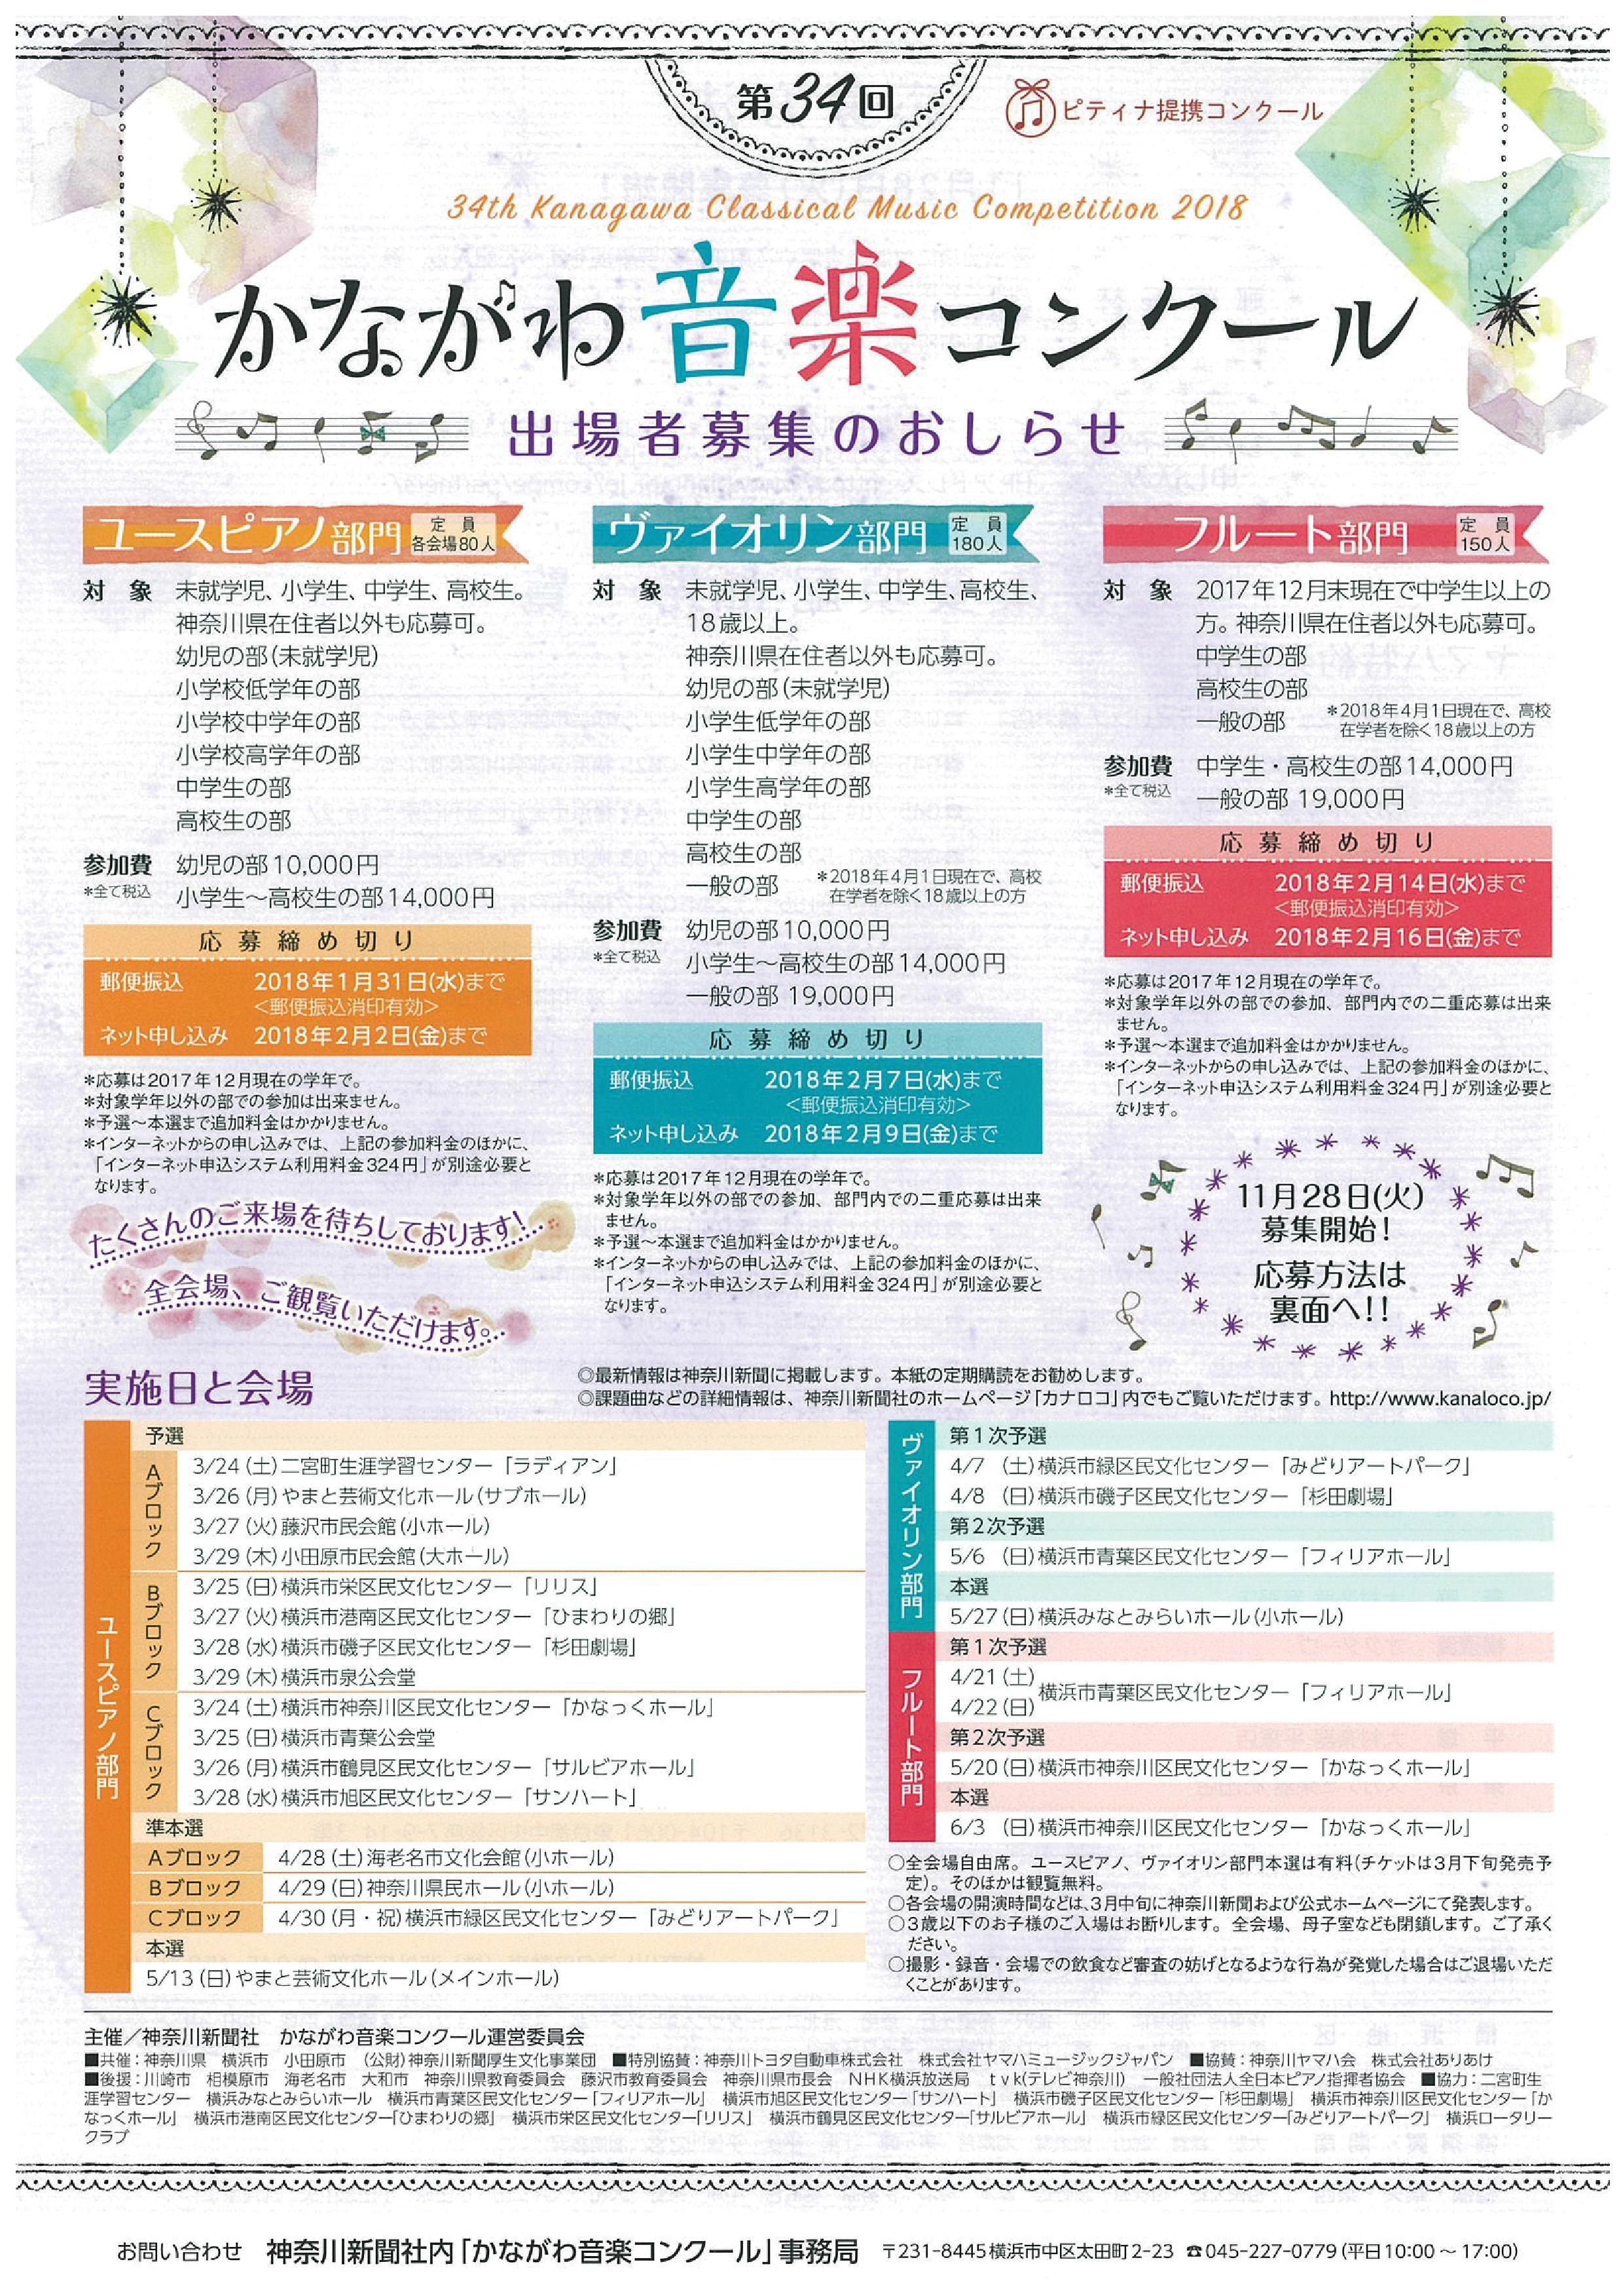 第34回かながわ音楽コンクール ユースピアノ部門 本選